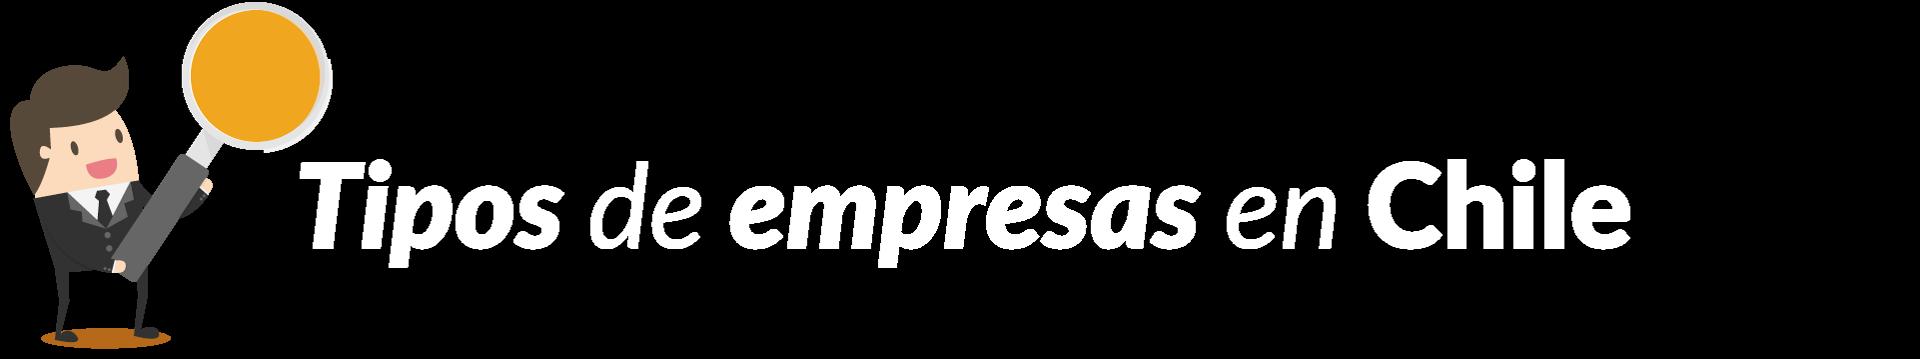 TIPOS-DE-EMPRESAS-EN-CHILE